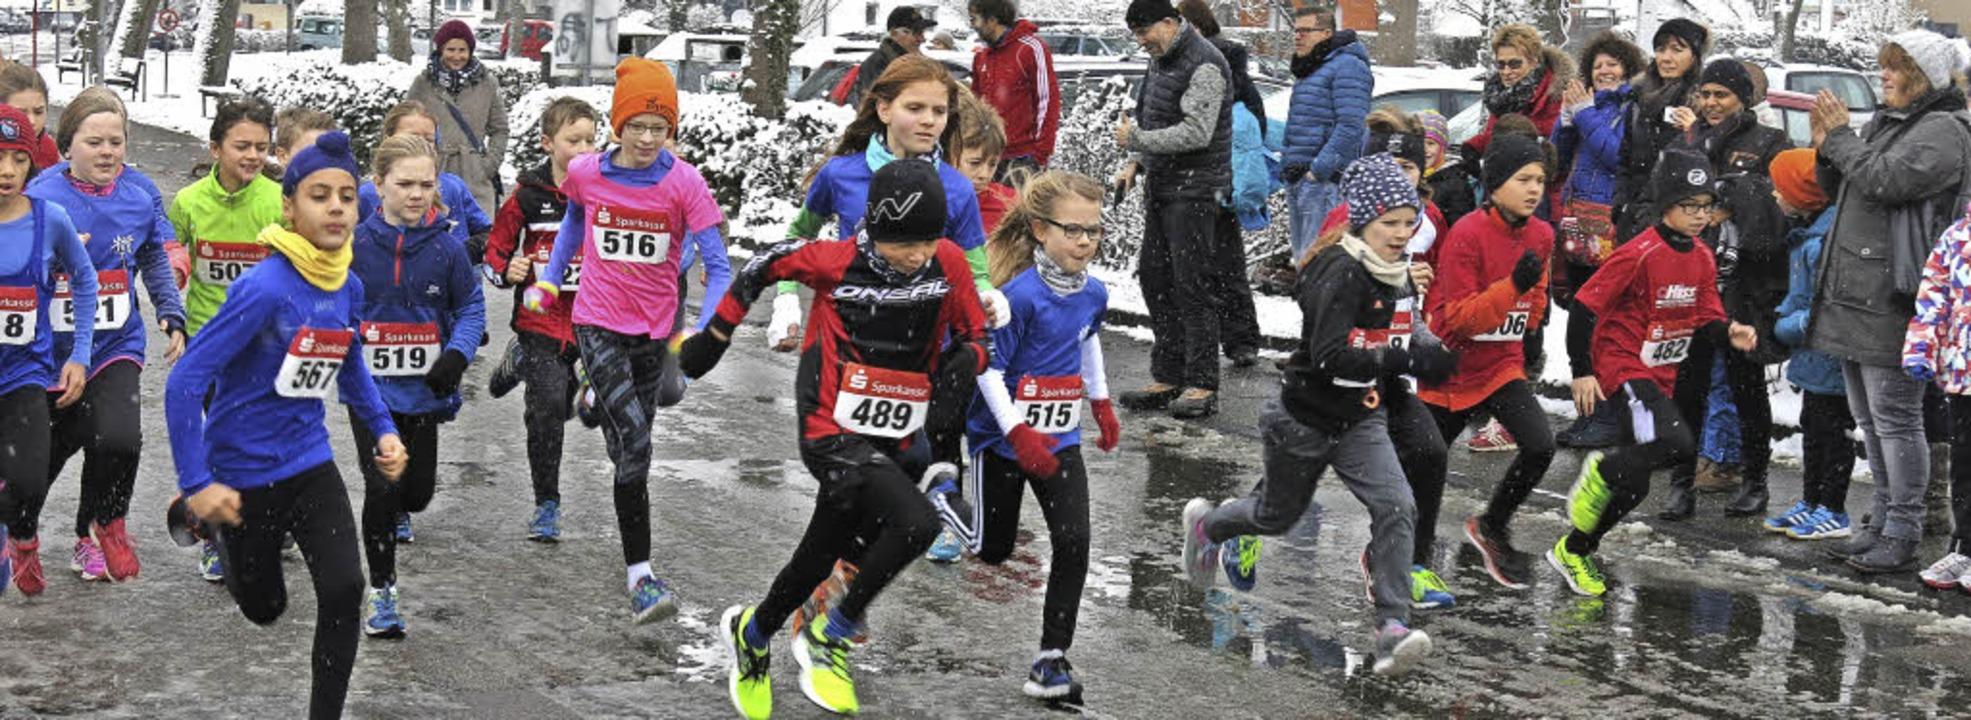 Schwierige Bedingungen für die Läufer und Läuferinnen auf dem Asphalt  | Foto: Georg Voß